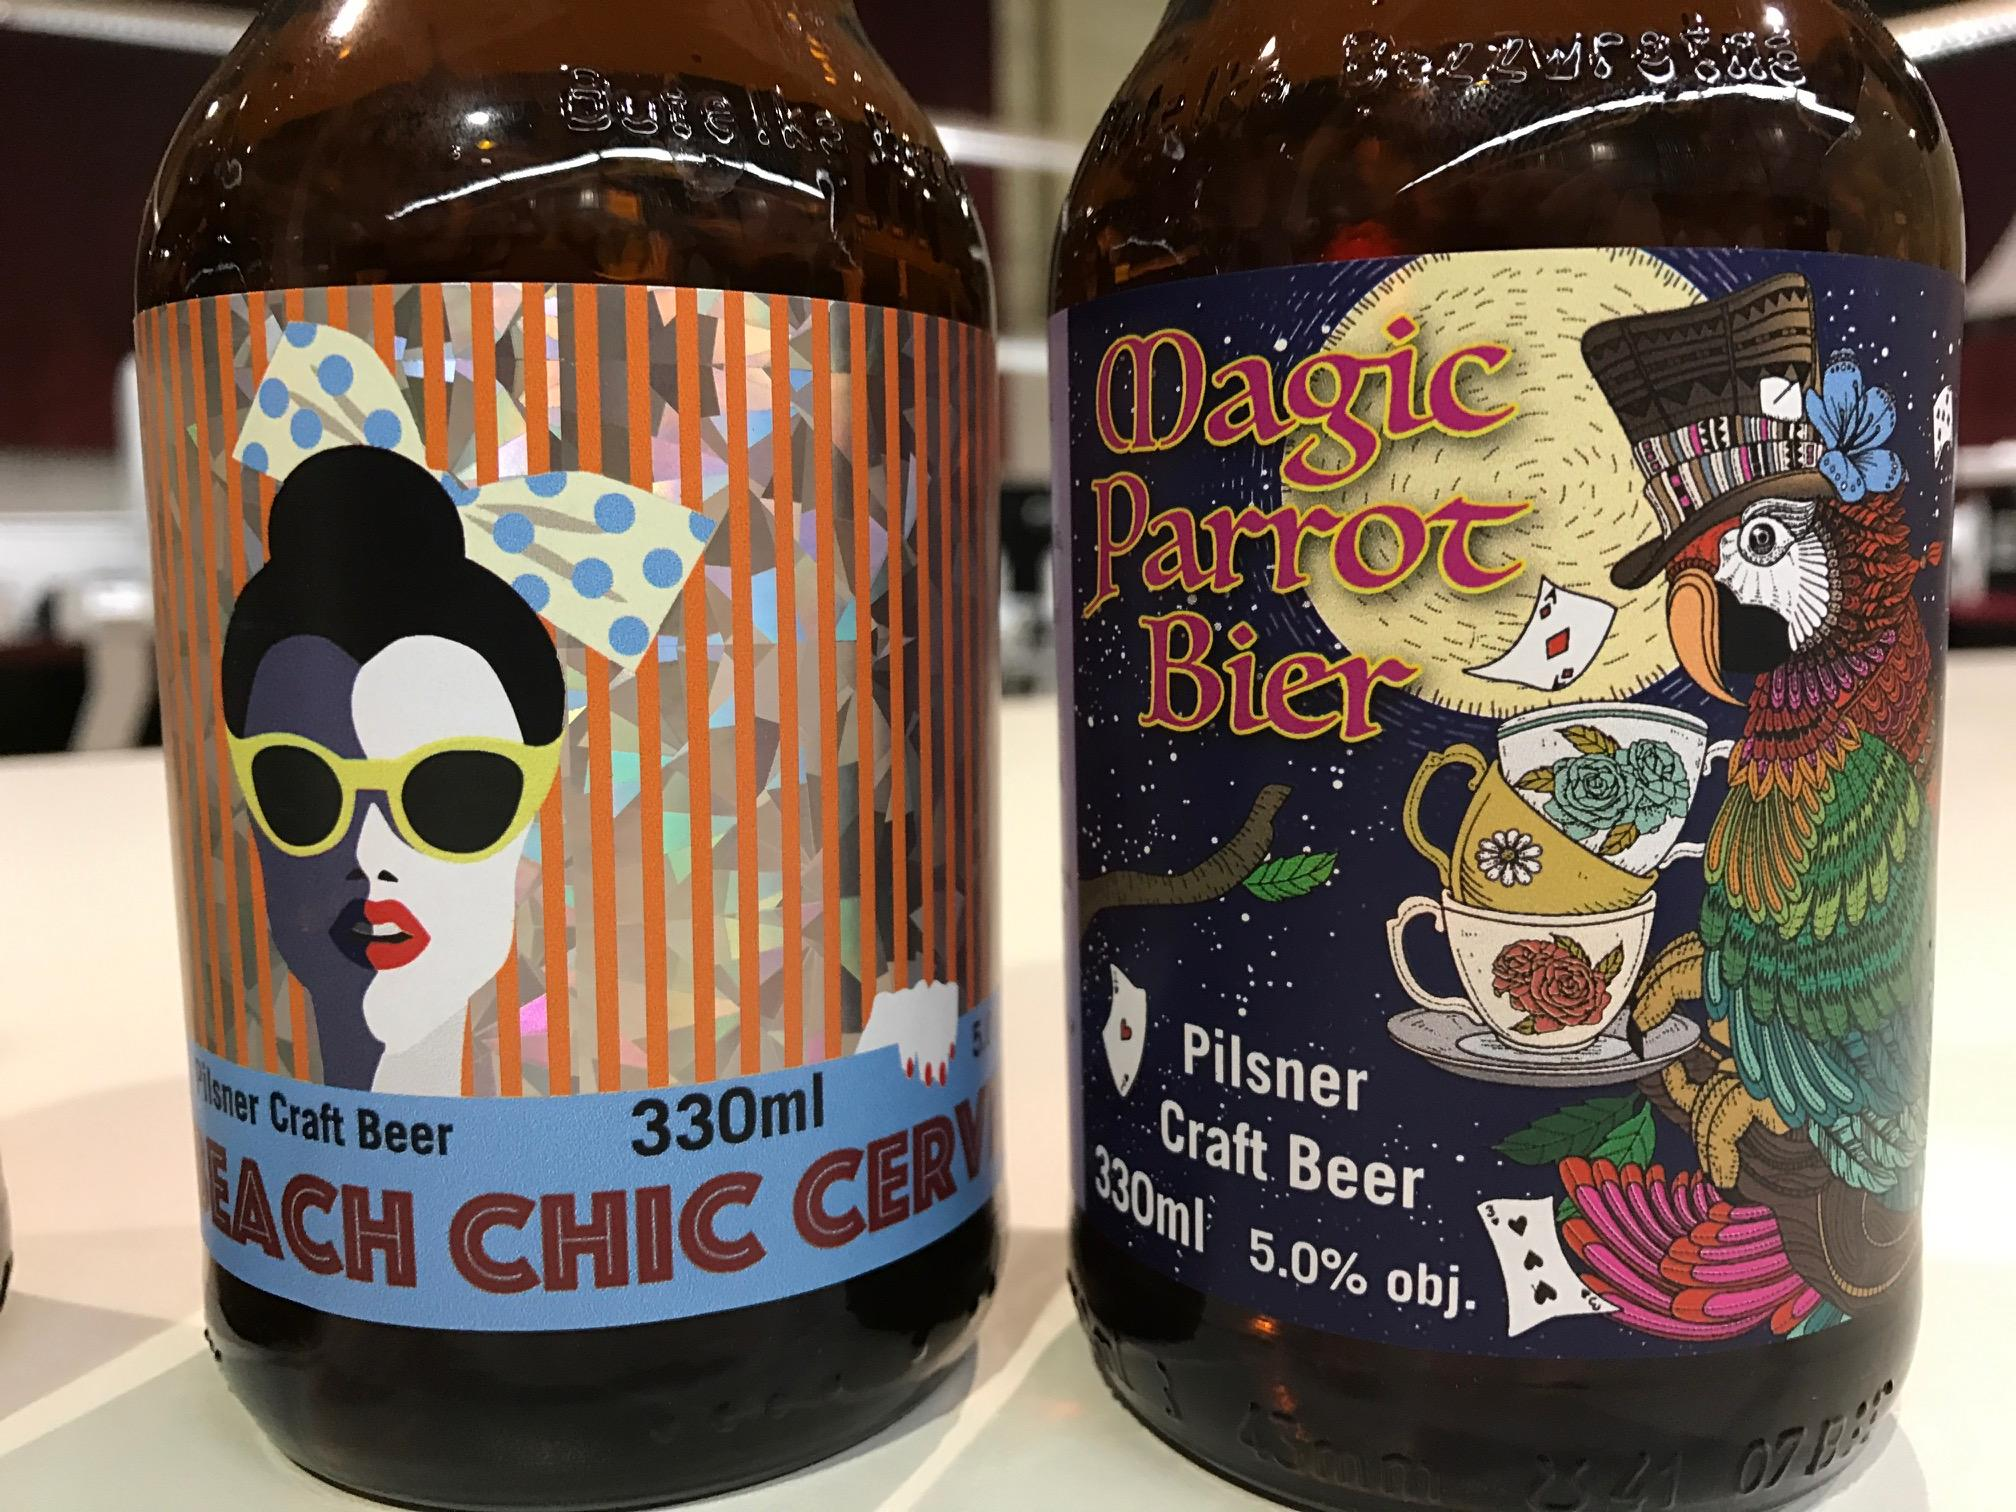 UK_Craft Beer_Digital Series3.jpg